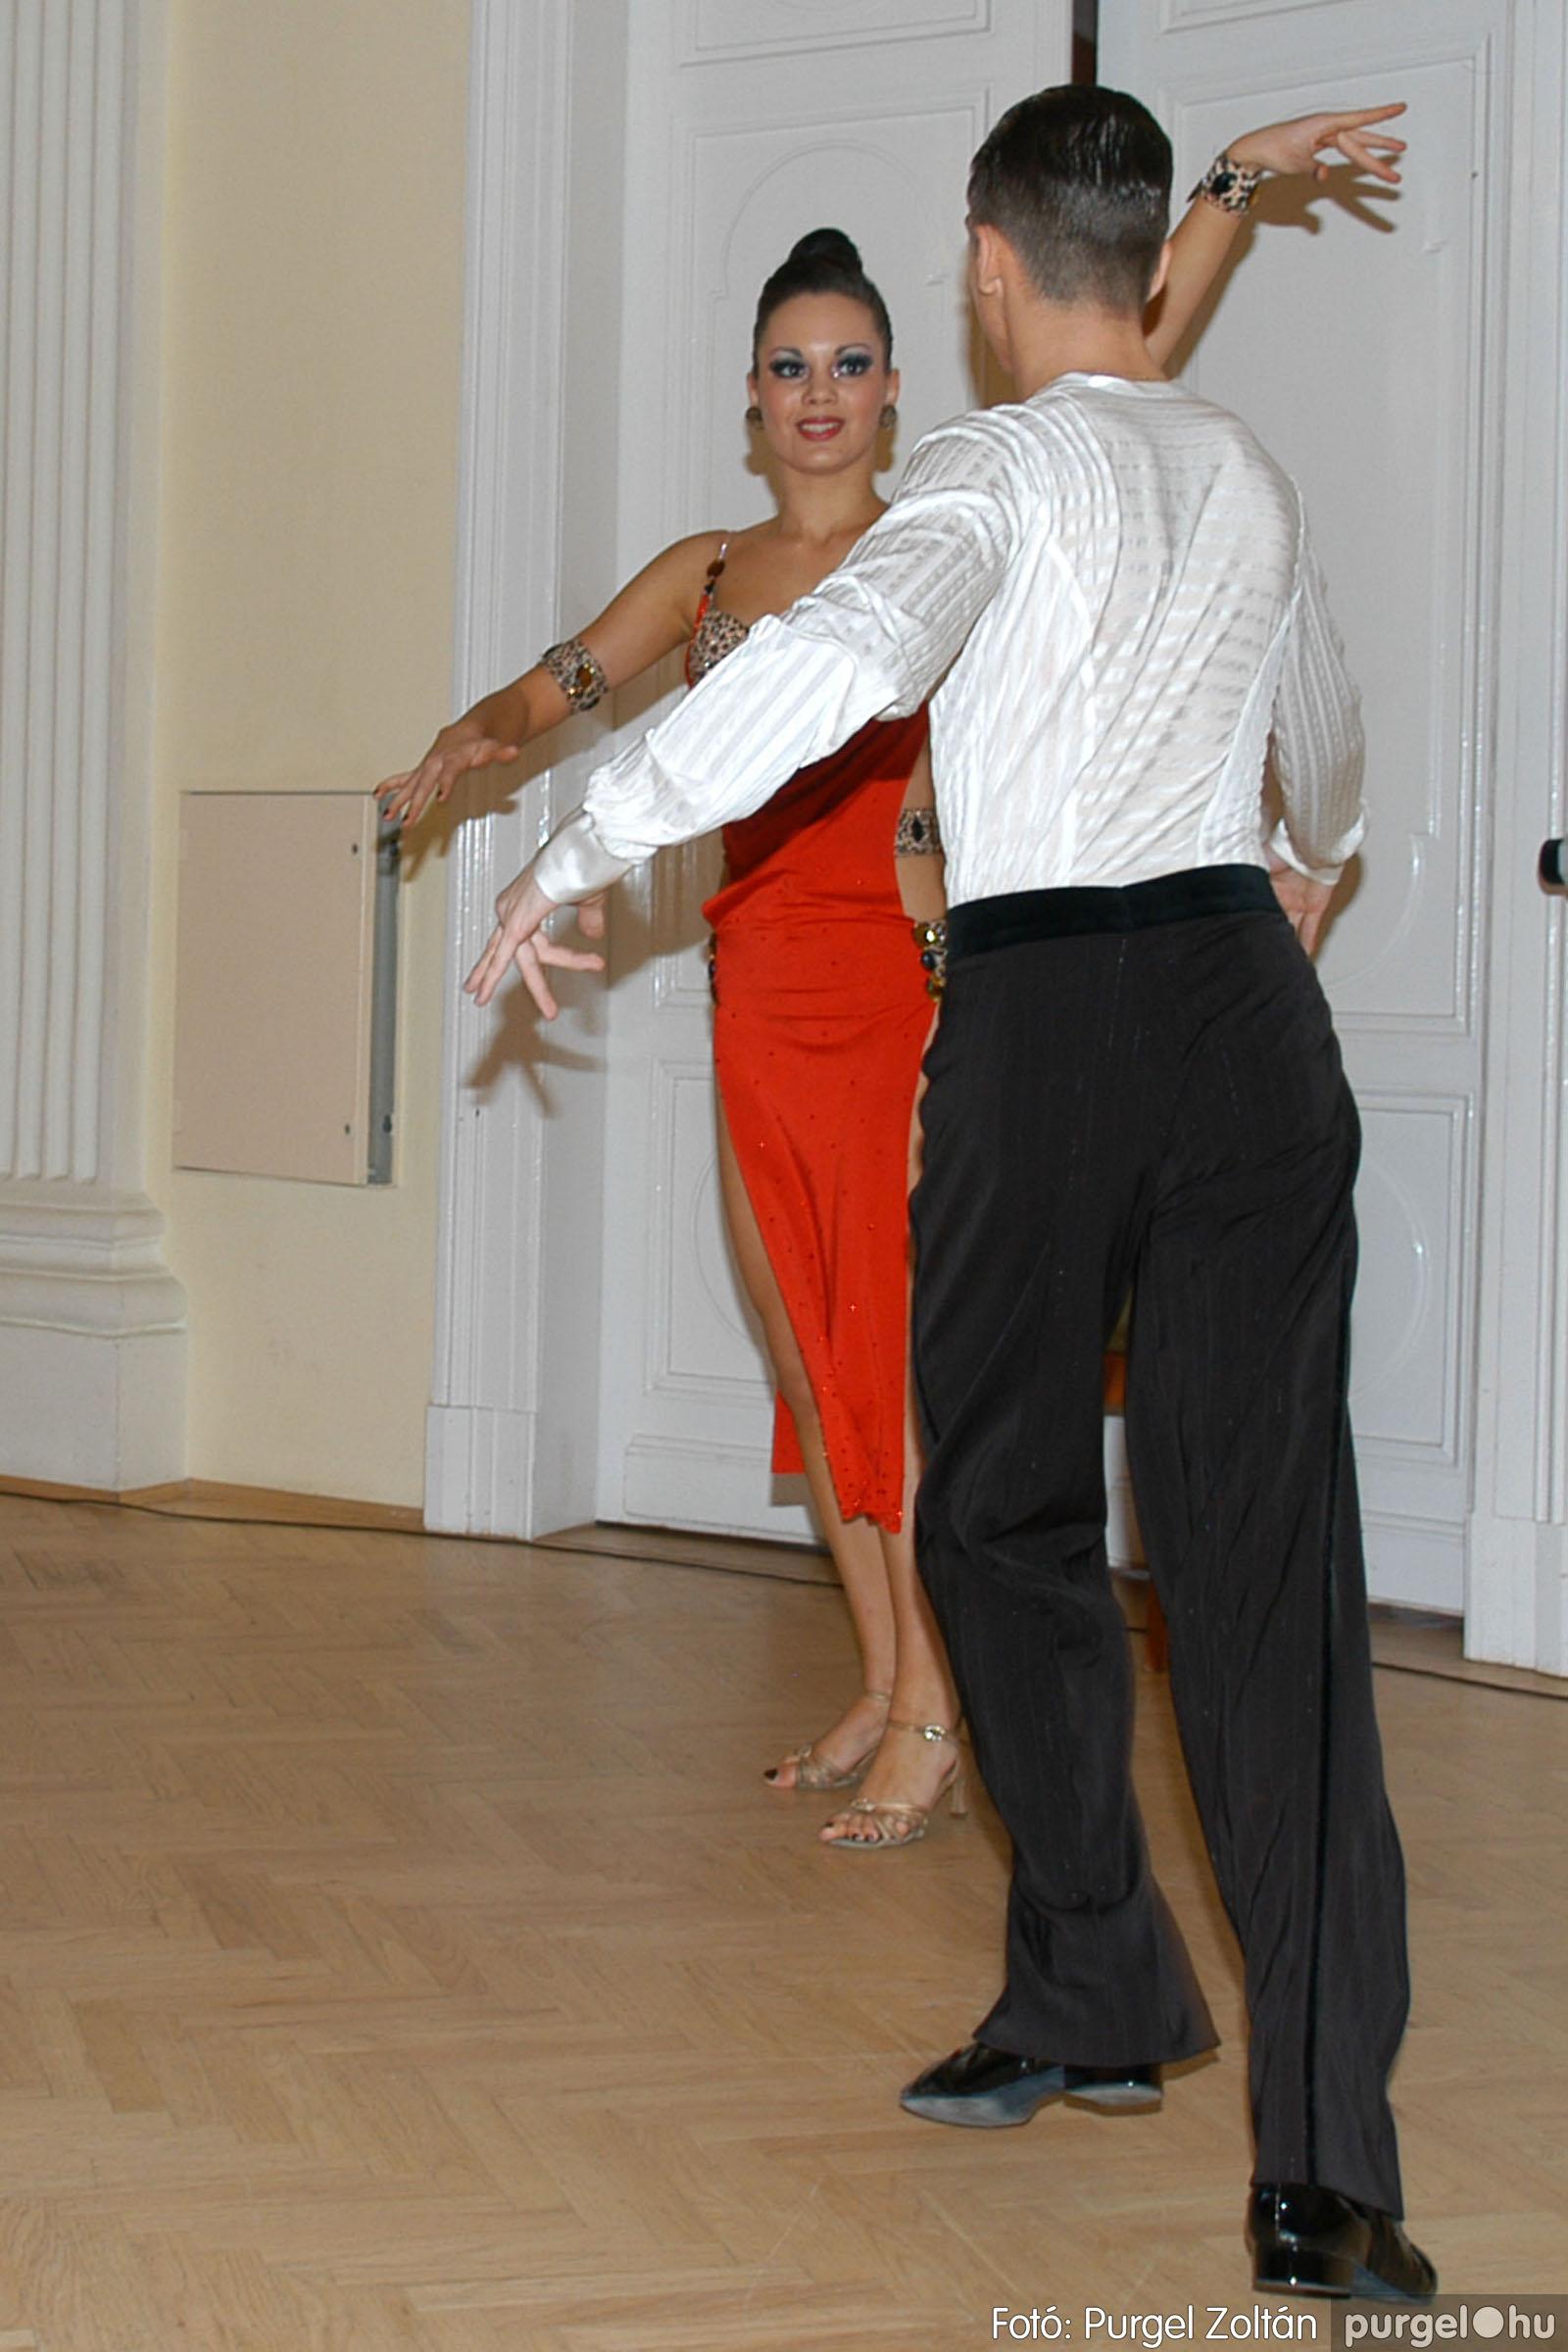 2010.10.28. 144 Szegvár és Vidéke Takarékszövetkezet takarékossági világnap rendezvény - Fotó:P. Z..jpg